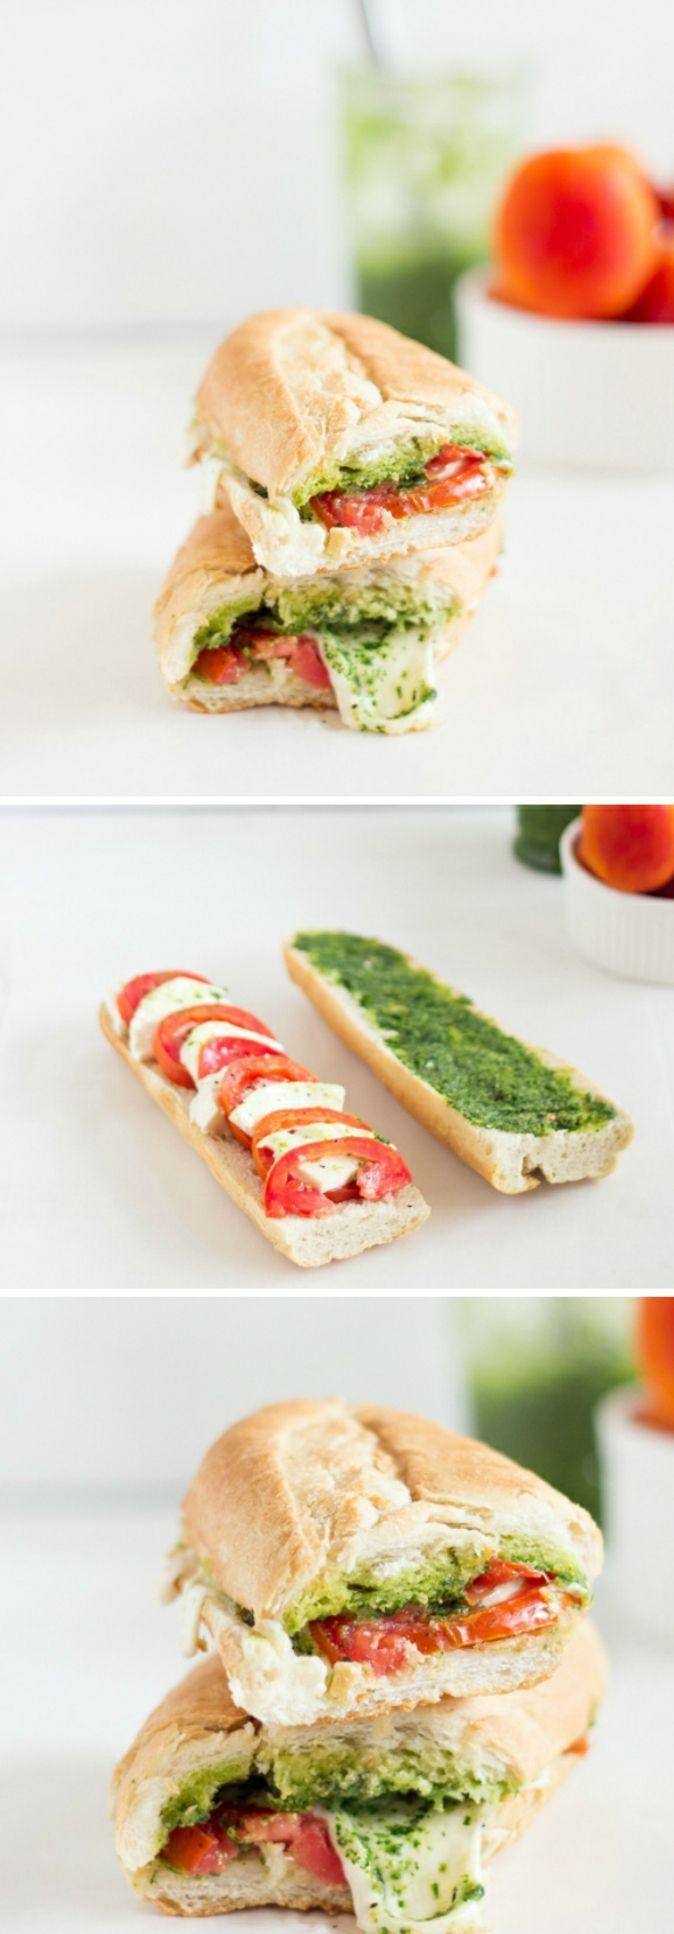 idée comment faire un sandwich caprese, recette pique nique facile avec pesto, mozzarella, tomates et baguette, picnic plage